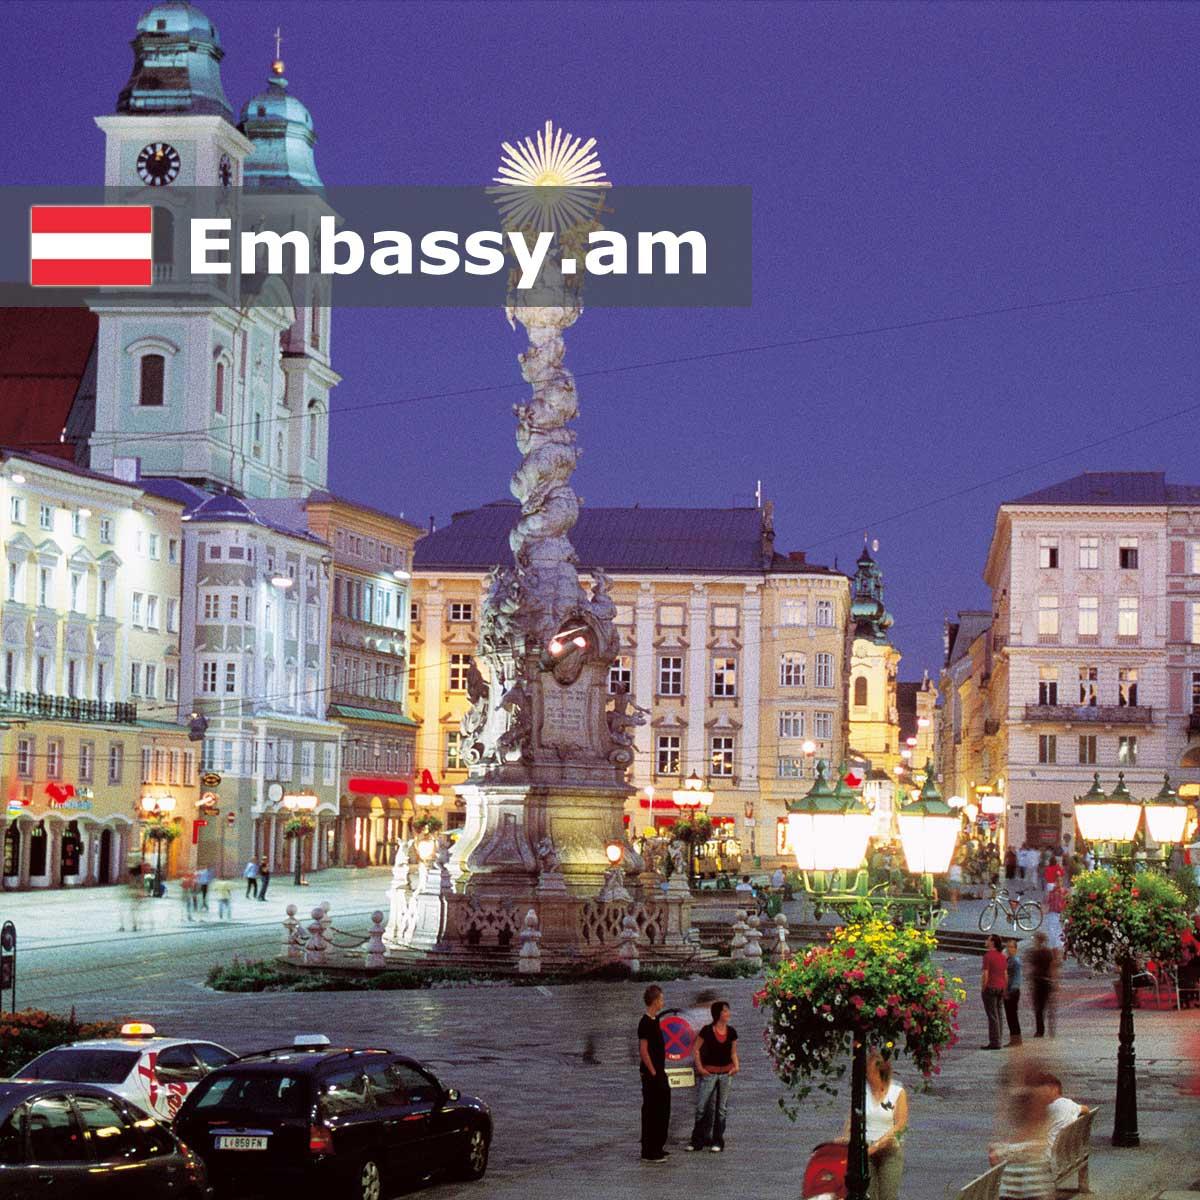 Линц - Отели в Австрии - Embassy.am